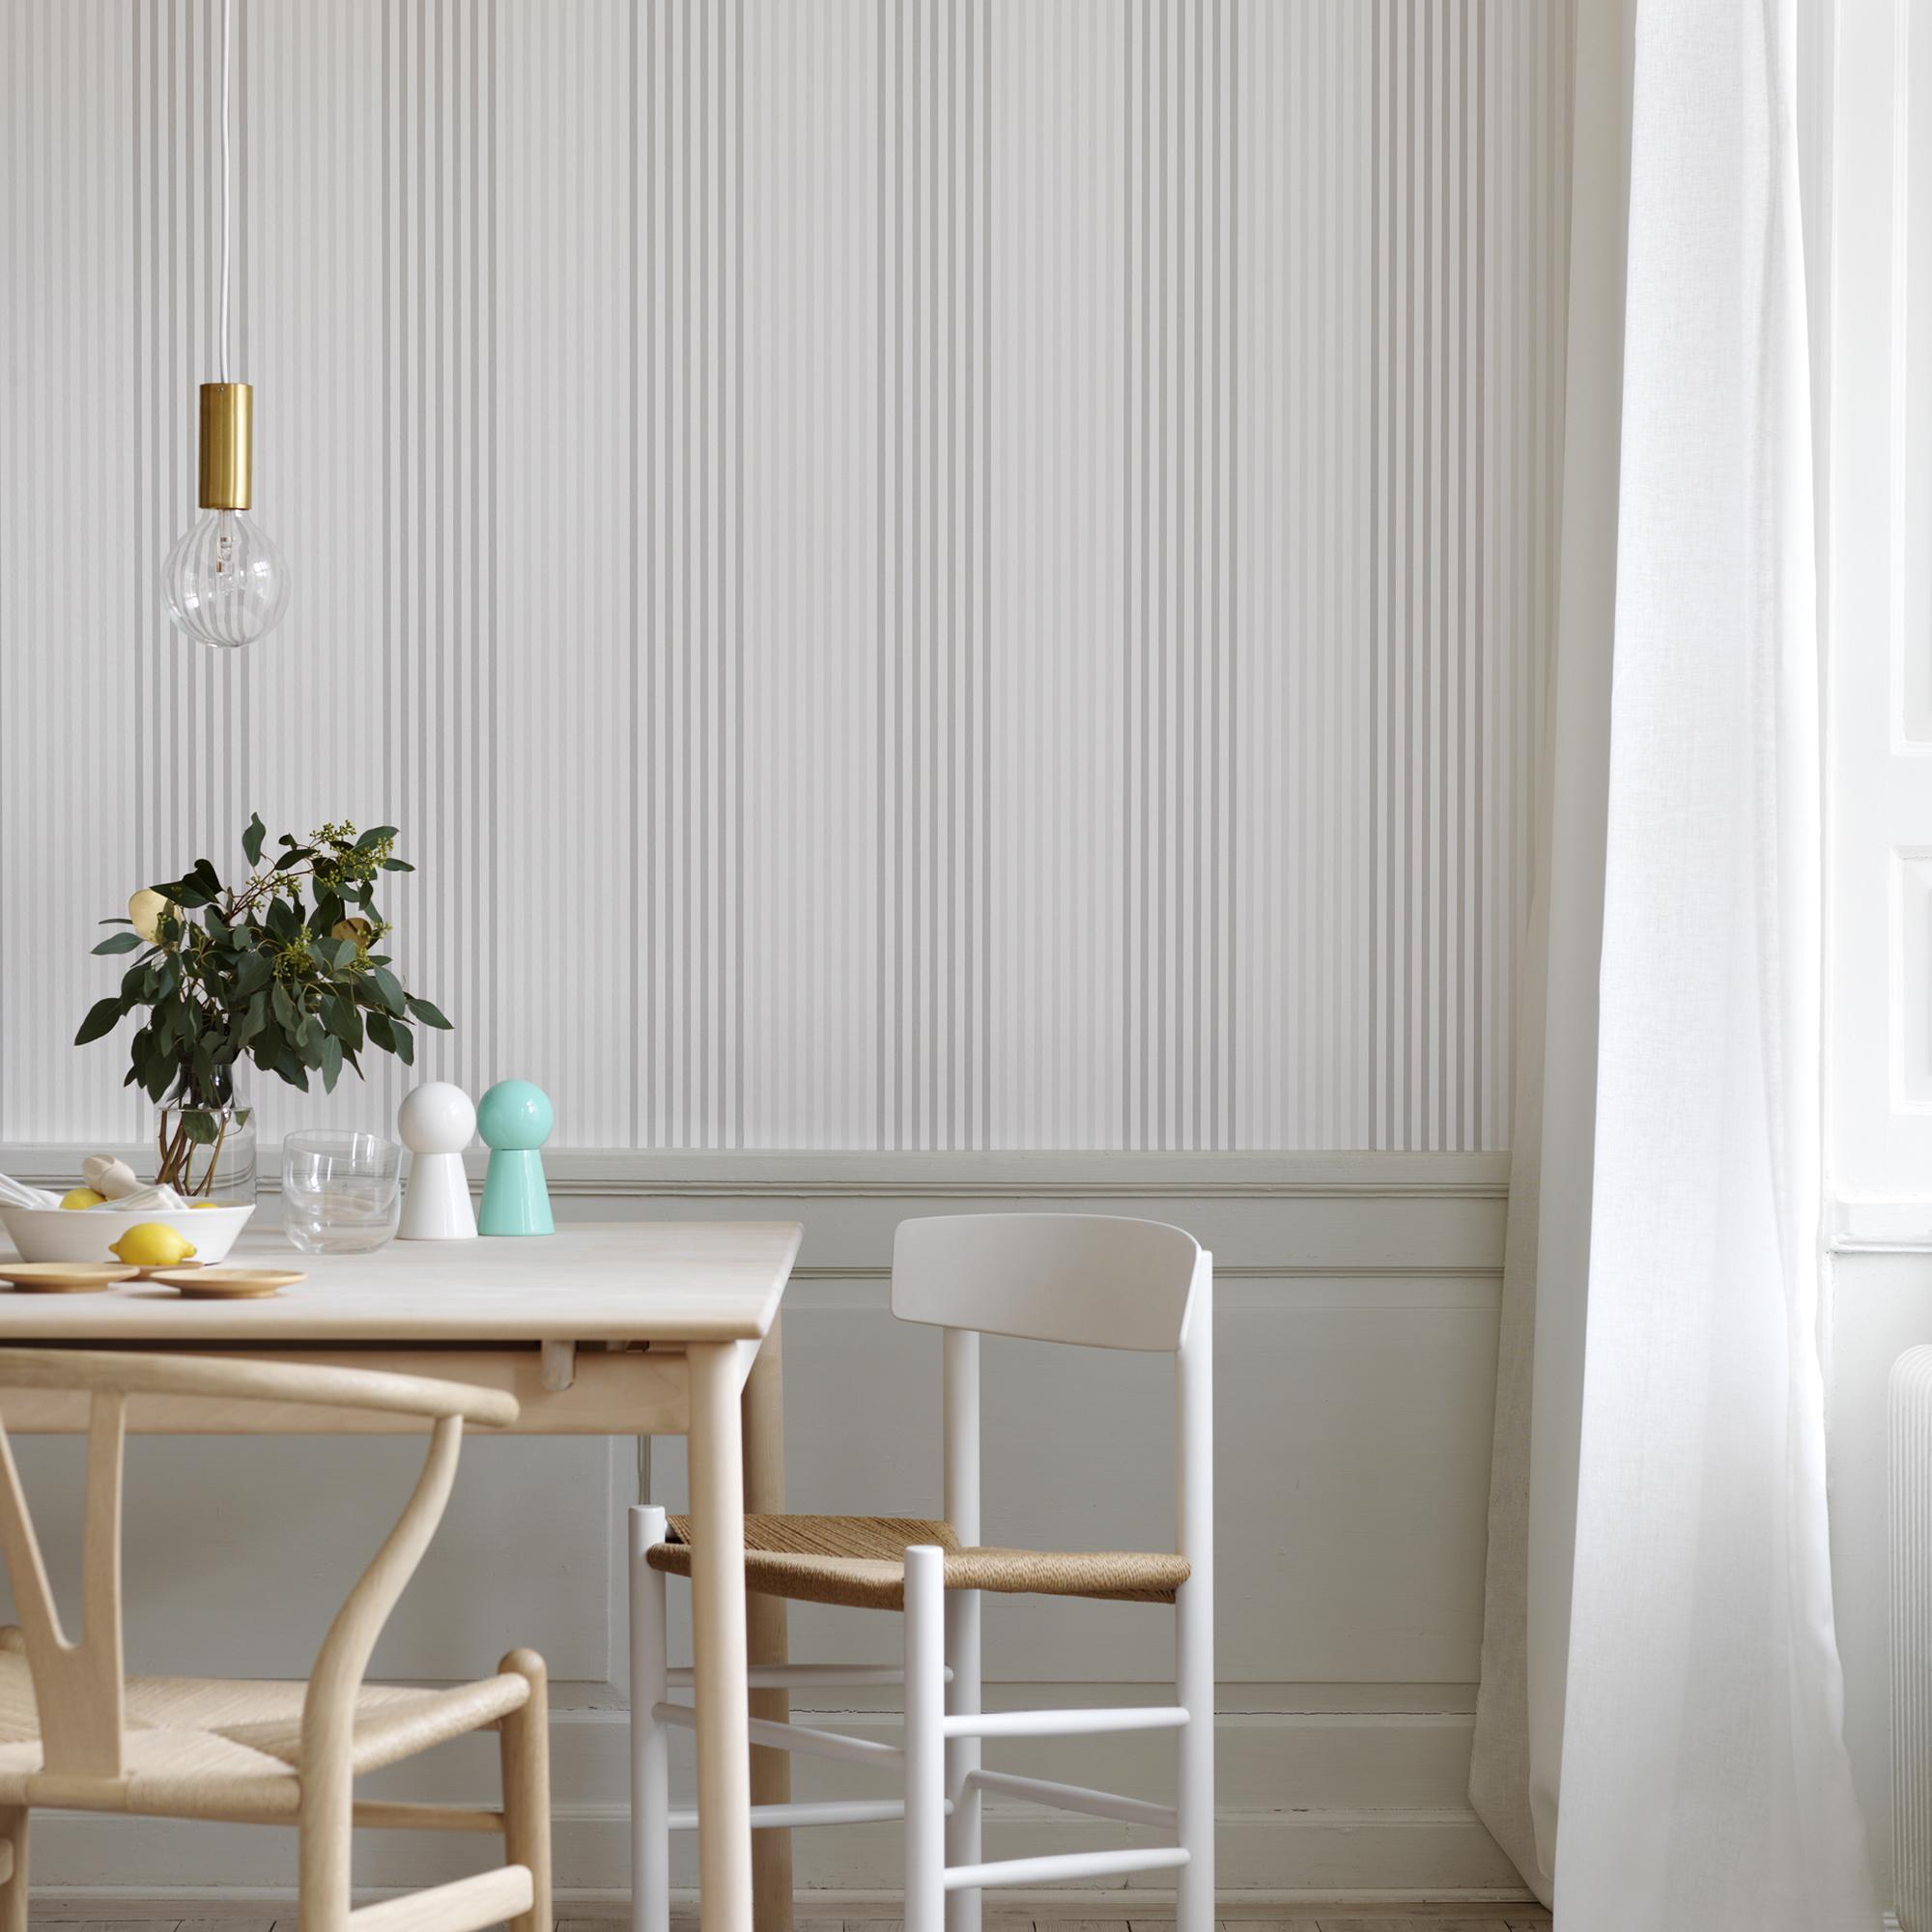 Кухня с полосатыми обоями фото